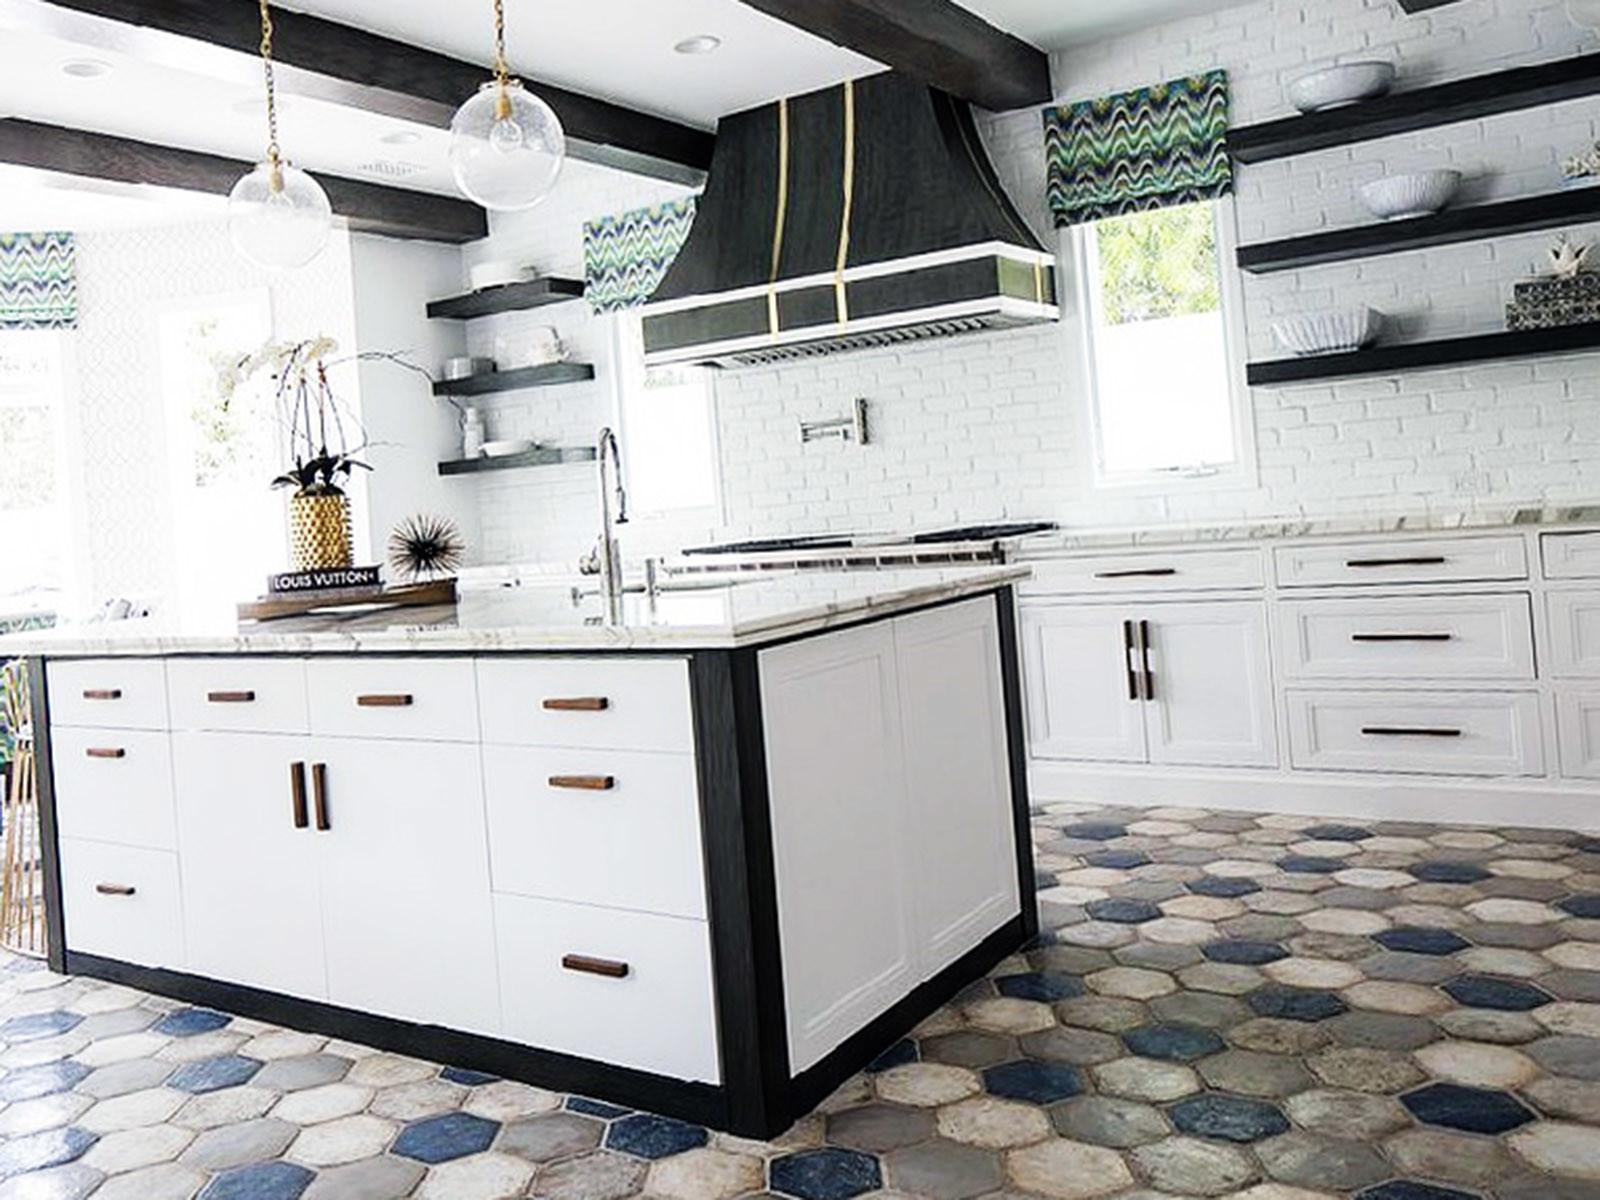 Шестиугольная каменная плитка для кухонного пола 2019-2020